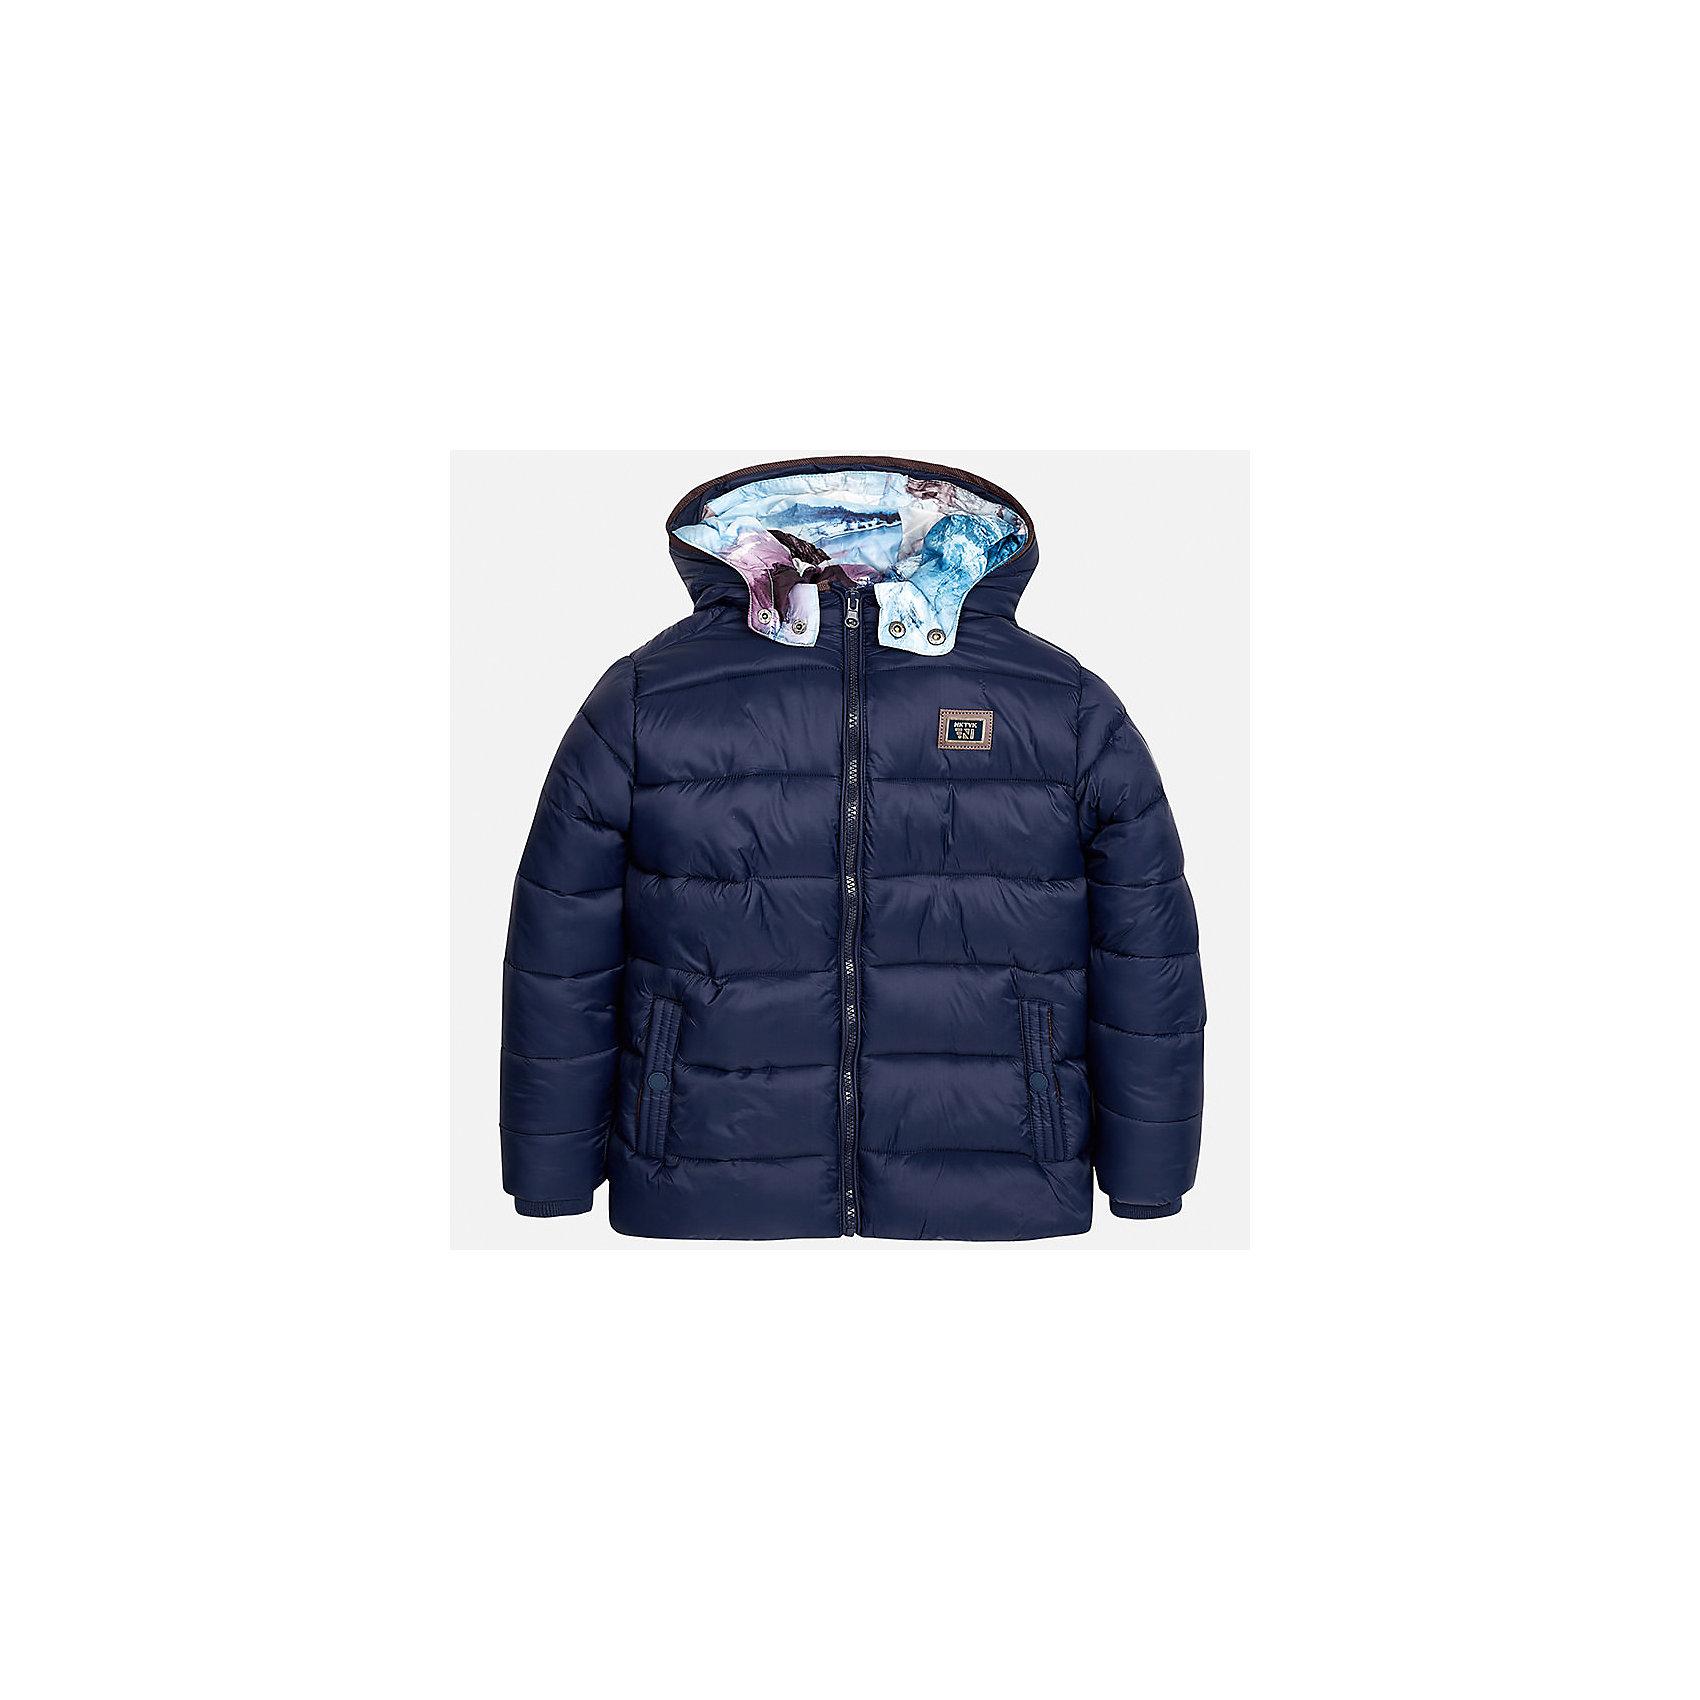 Куртка для мальчика MayoralВерхняя одежда<br>Характеристики товара:<br><br>• цвет:синий;<br>• сезон: демисезон;<br>• температурный режим: от 0 до +10С;<br>• состав ткани: 100% полиамид;<br>• состав подкладки и наполнителя: 100% полиэстер;<br>• на молнии;<br>• стеганая;<br>• капюшон:  отстегивается, без меха;<br>• страна бренда: Испания;<br>• страна изготовитель: Китай.<br><br>Утепленная демисезонная куртка для мальчика с двойным капюшоном от популярного бренда Mayoral несомненно понравится вам и вашему ребенку. Качественные ткани, безупречное исполнение, все модели в центре модных тенденций. <br><br>Стеганная модель синего цвета выполнена из мягкой плащевой  ткани и внутренней плащевой подкладки, обеспечивающие хорошую воздухопроницаемую защиту,  рукава и пояс на внутренних трикотажных манжетах. Застегивается на молнию, дополнена боковыми врезными карманами. Двойной капюшон: внешний плащевый и внутренний  трикотажный с принтом, съемный (на молнии), с фиксацией на кнопки.   Декорирована  нашивкой-логотипом на на груди.<br><br>Легкая и теплая куртка с капюшоном и карманами на холодную осень-весну. Грамотный крой изделия обеспечивает отличную посадку по фигуре. Все эти преимущества делают данную модель незаменимой для активных прогулок и повседневной носки.<br><br>Утепленная демисезонная куртка для мальчика Mayoral (Майорал) можно купить в нашем интернет-магазине.<br><br>Ширина мм: 356<br>Глубина мм: 10<br>Высота мм: 245<br>Вес г: 519<br>Цвет: синий<br>Возраст от месяцев: 168<br>Возраст до месяцев: 180<br>Пол: Мужской<br>Возраст: Детский<br>Размер: 170,128/134,140,152,158,164<br>SKU: 6938845